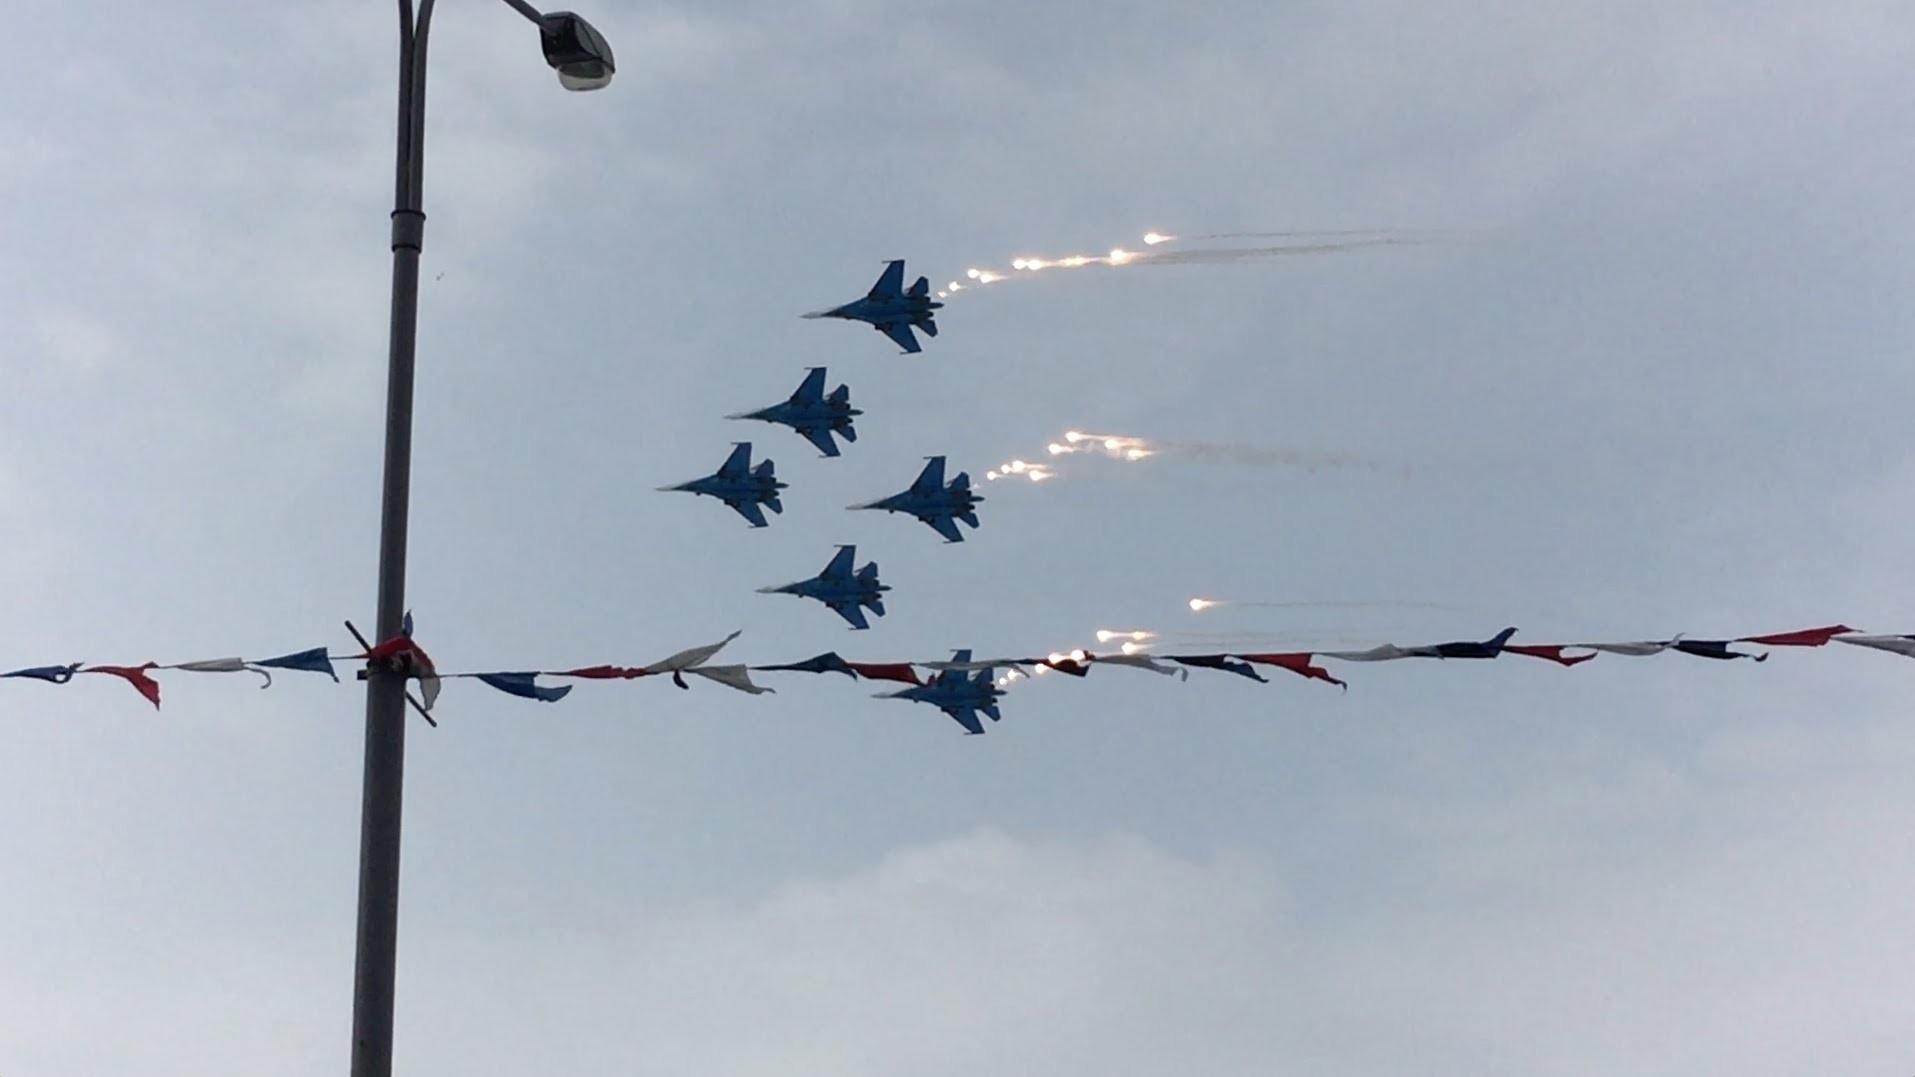 Впроцессе авиашоу в«Поднебесной» разбился легкий самолет, 4 человека погибли